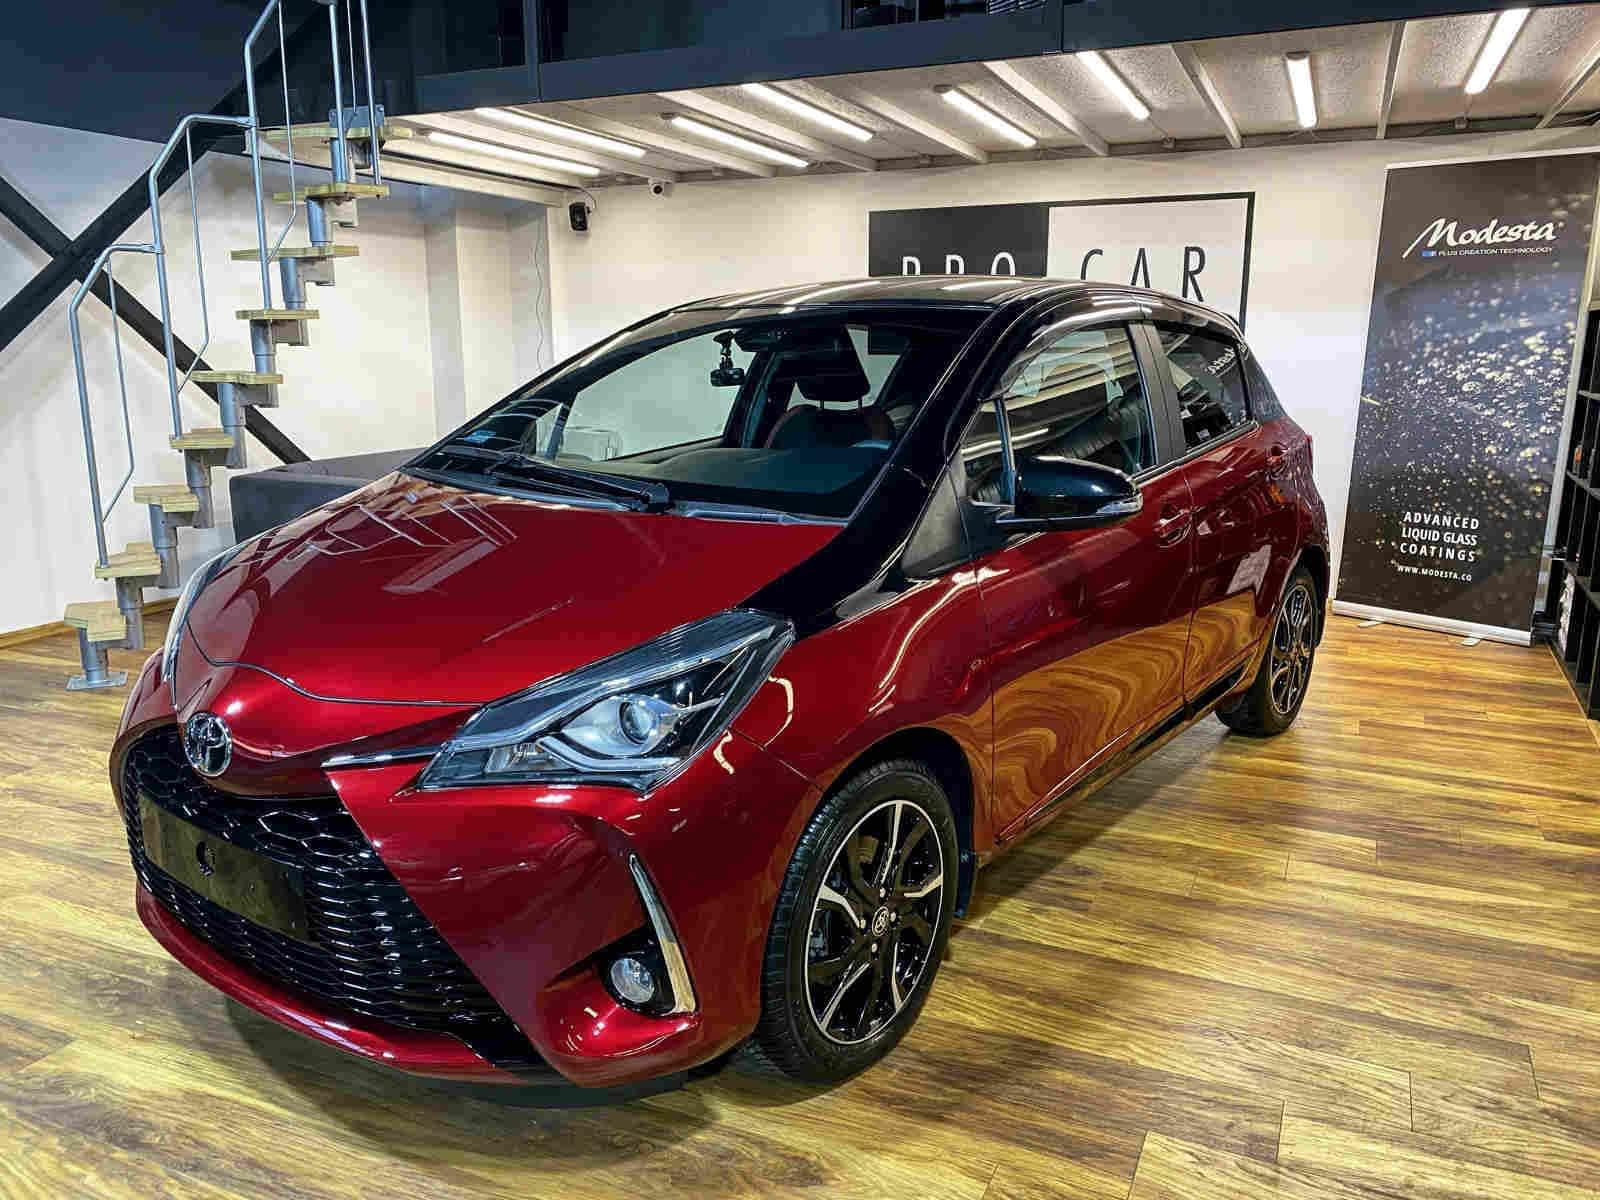 Toyota Yaris - daily car, zabezpieczony przed miejskimi zagrożeniami 1